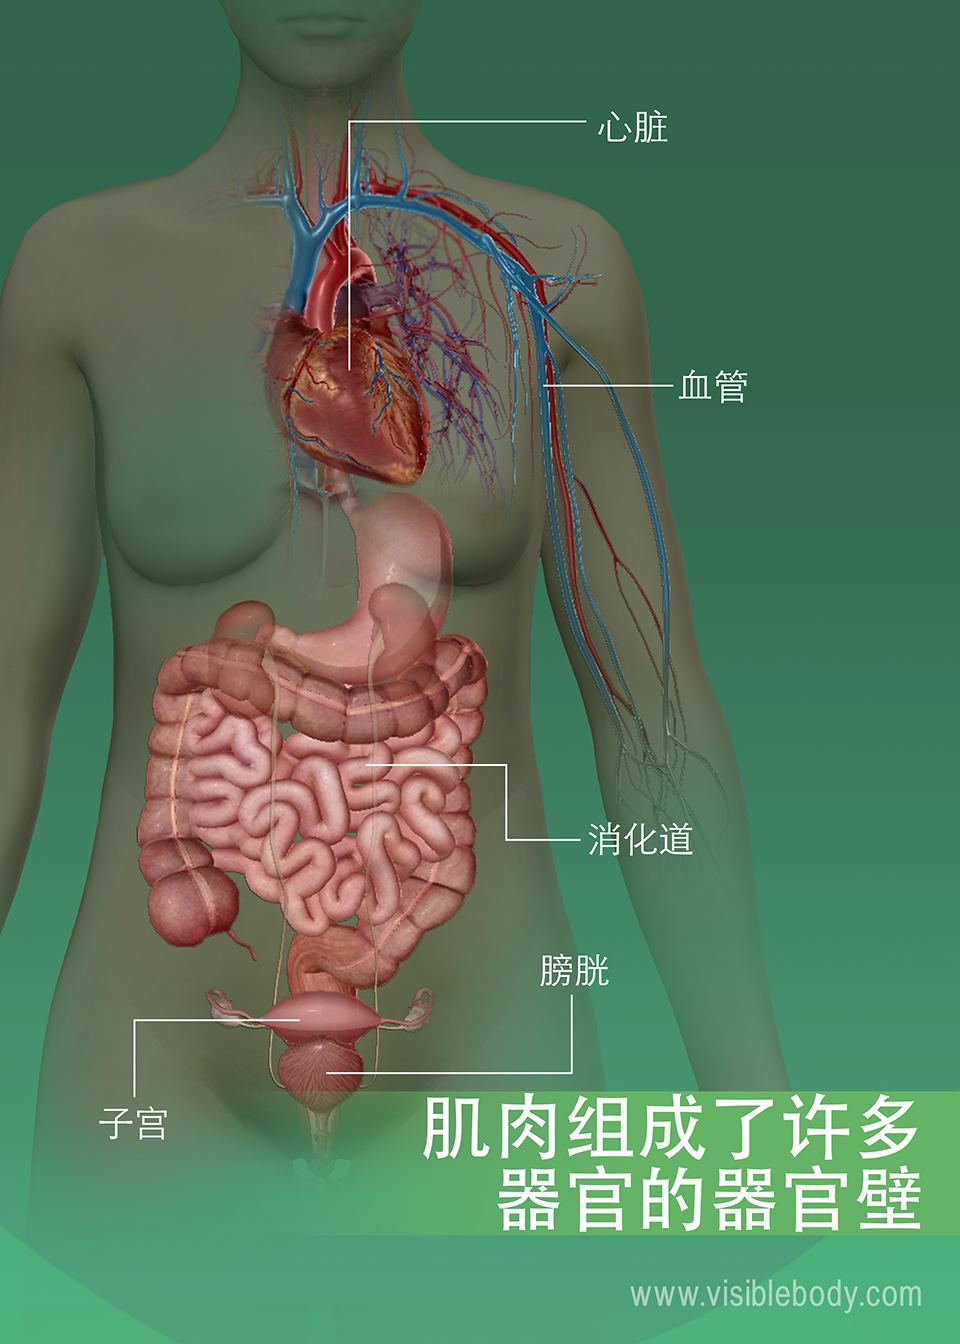 6C-肌肉组成了许多器官的器官壁